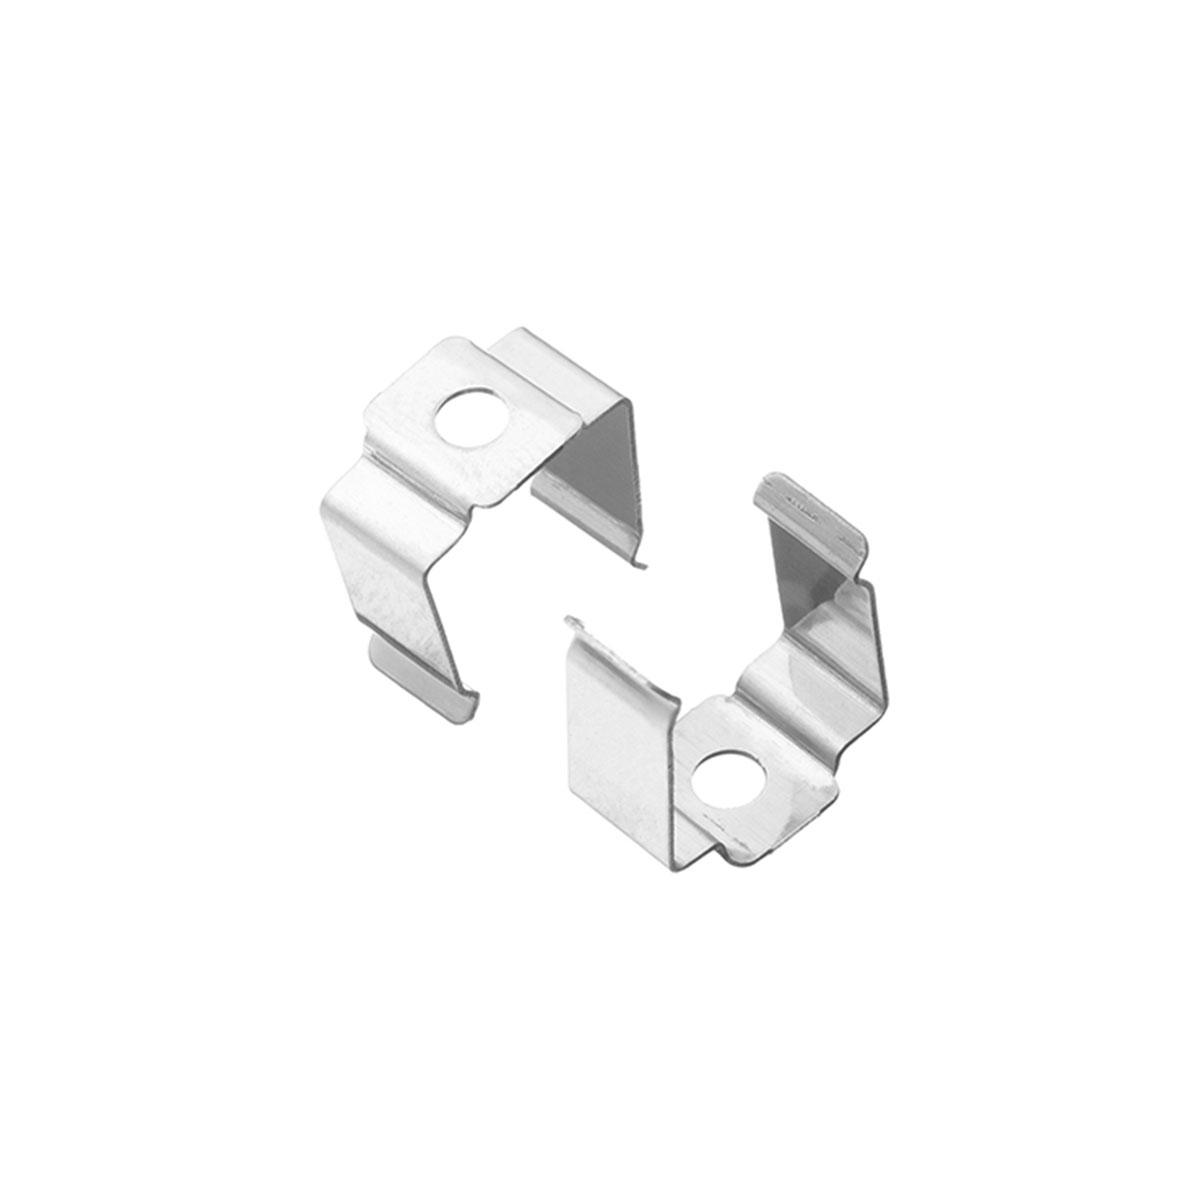 1 Paar Montageclips Halter für Fugen-Profil 20 x 15mm (4303)